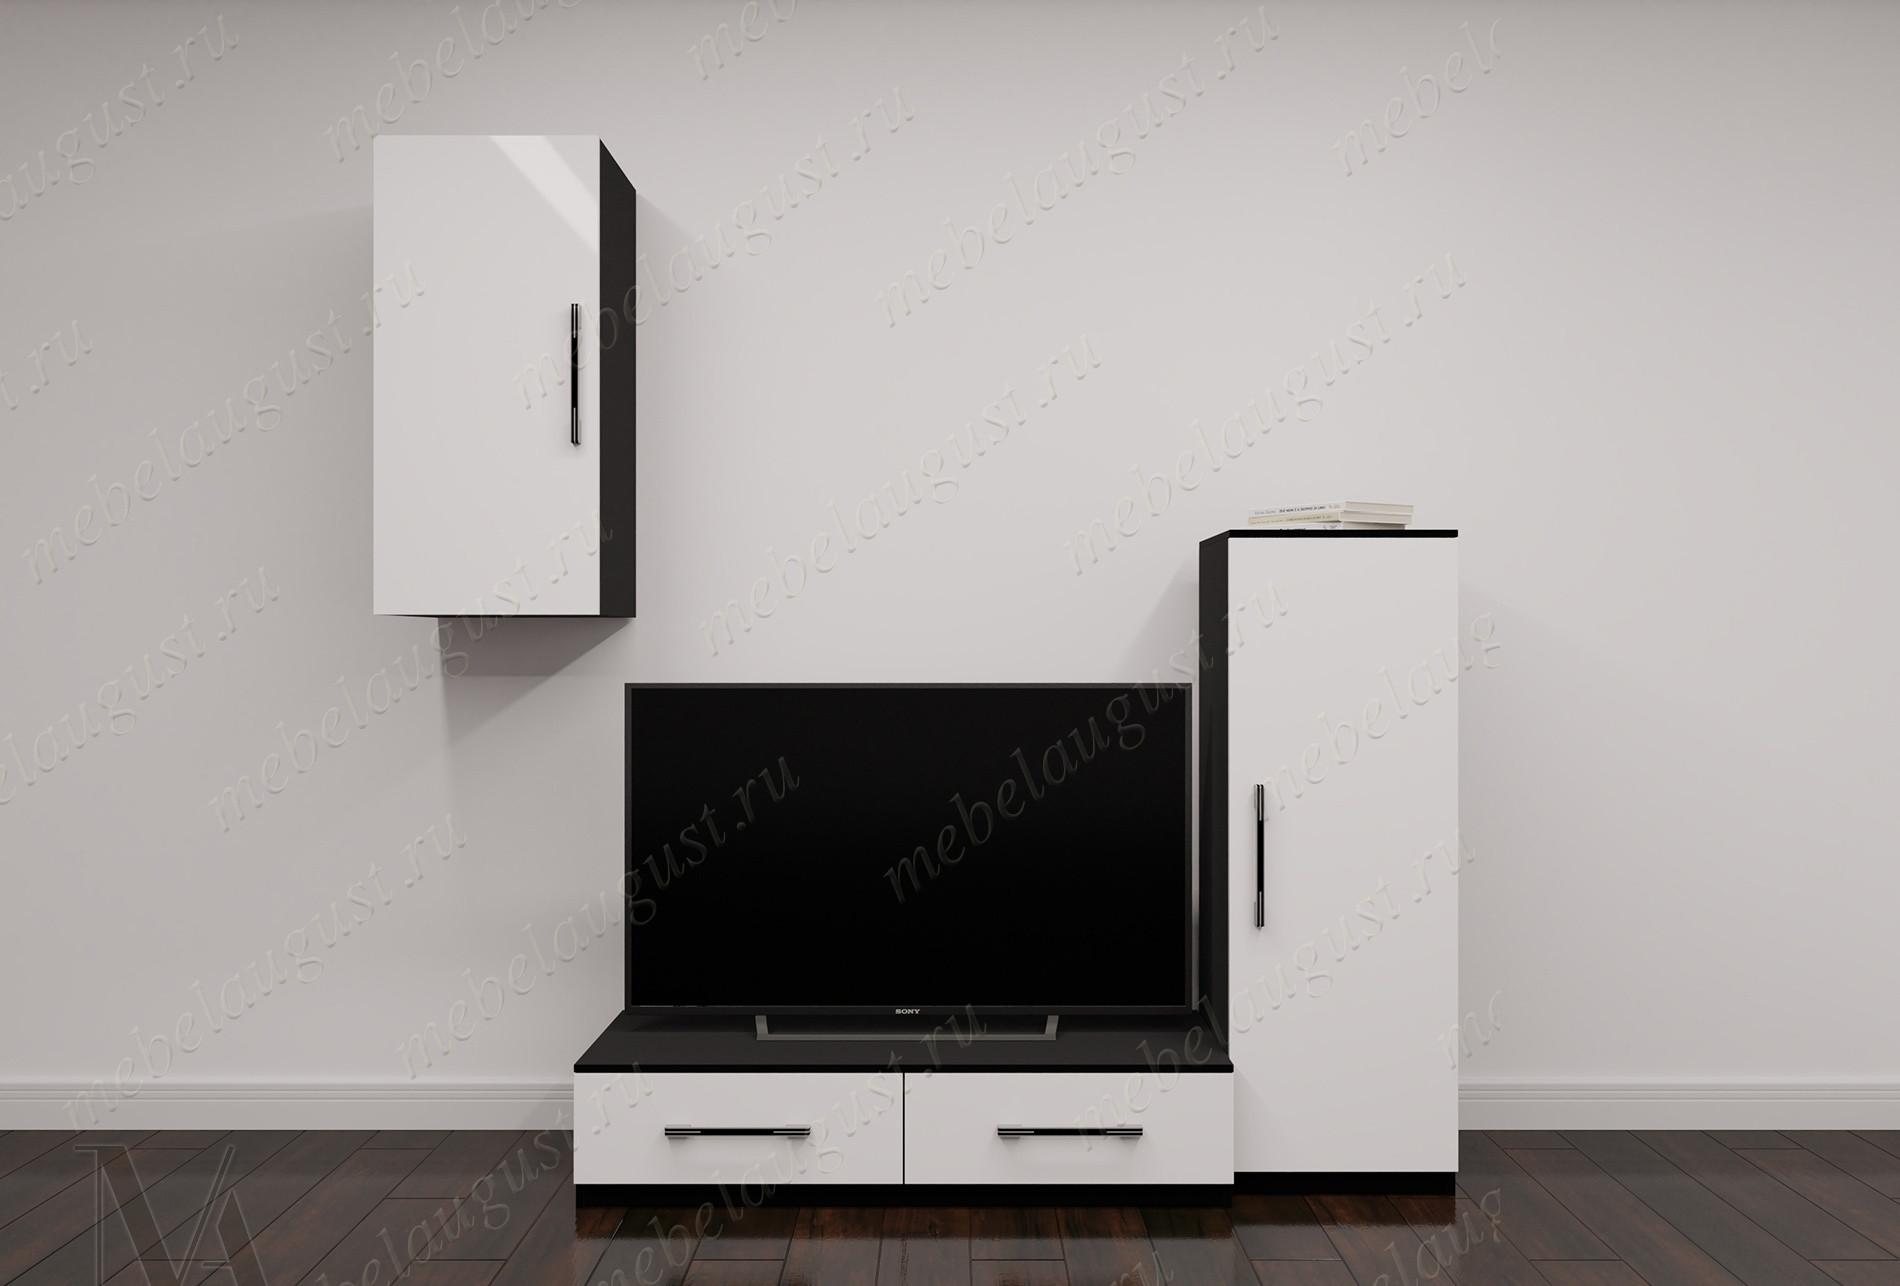 Мини стенка в гостиную с полкой для телевизора в спальню цвета черно-белый глянец